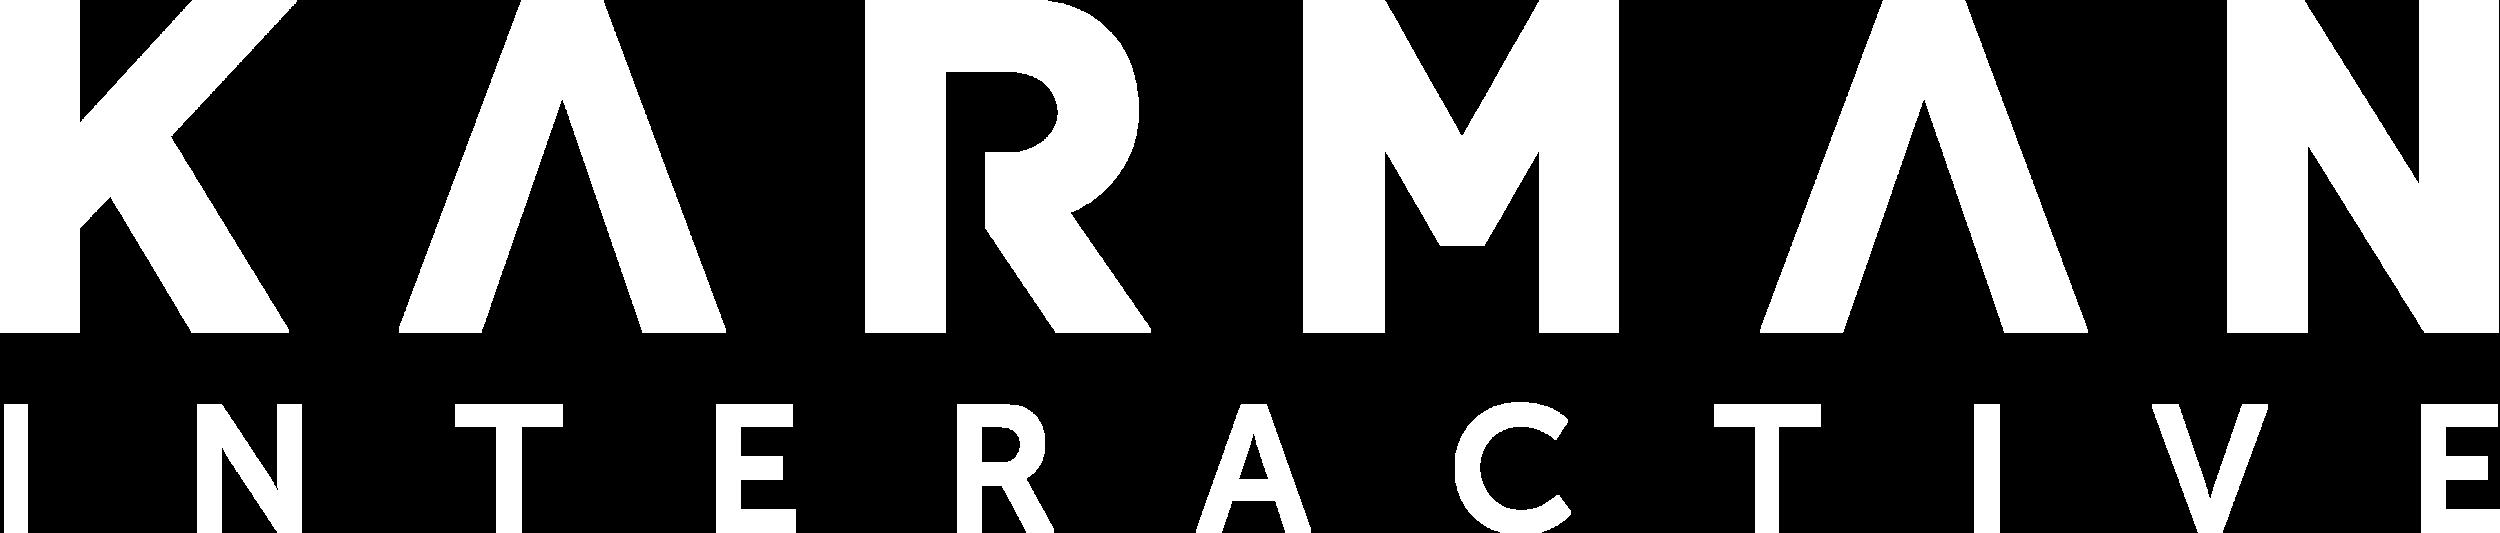 Karman Interactive R.png